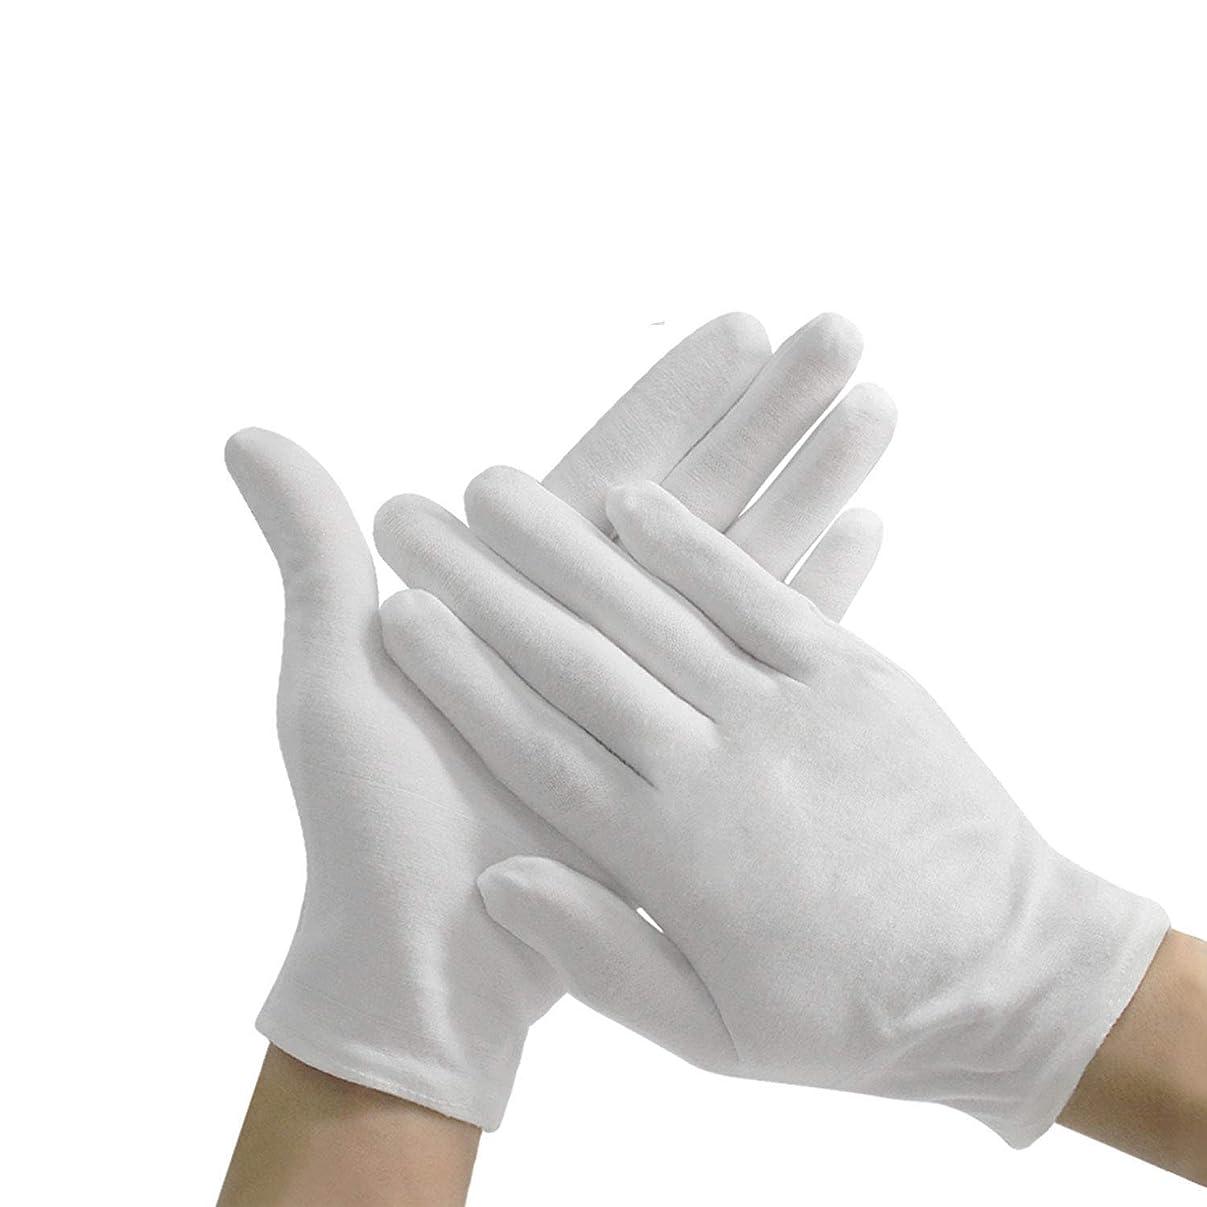 野球電話をかけるおもしろいコットン手袋 純綿100%耐久性が強い上に軽く高品質伸縮性通気性抜群 白 12双組